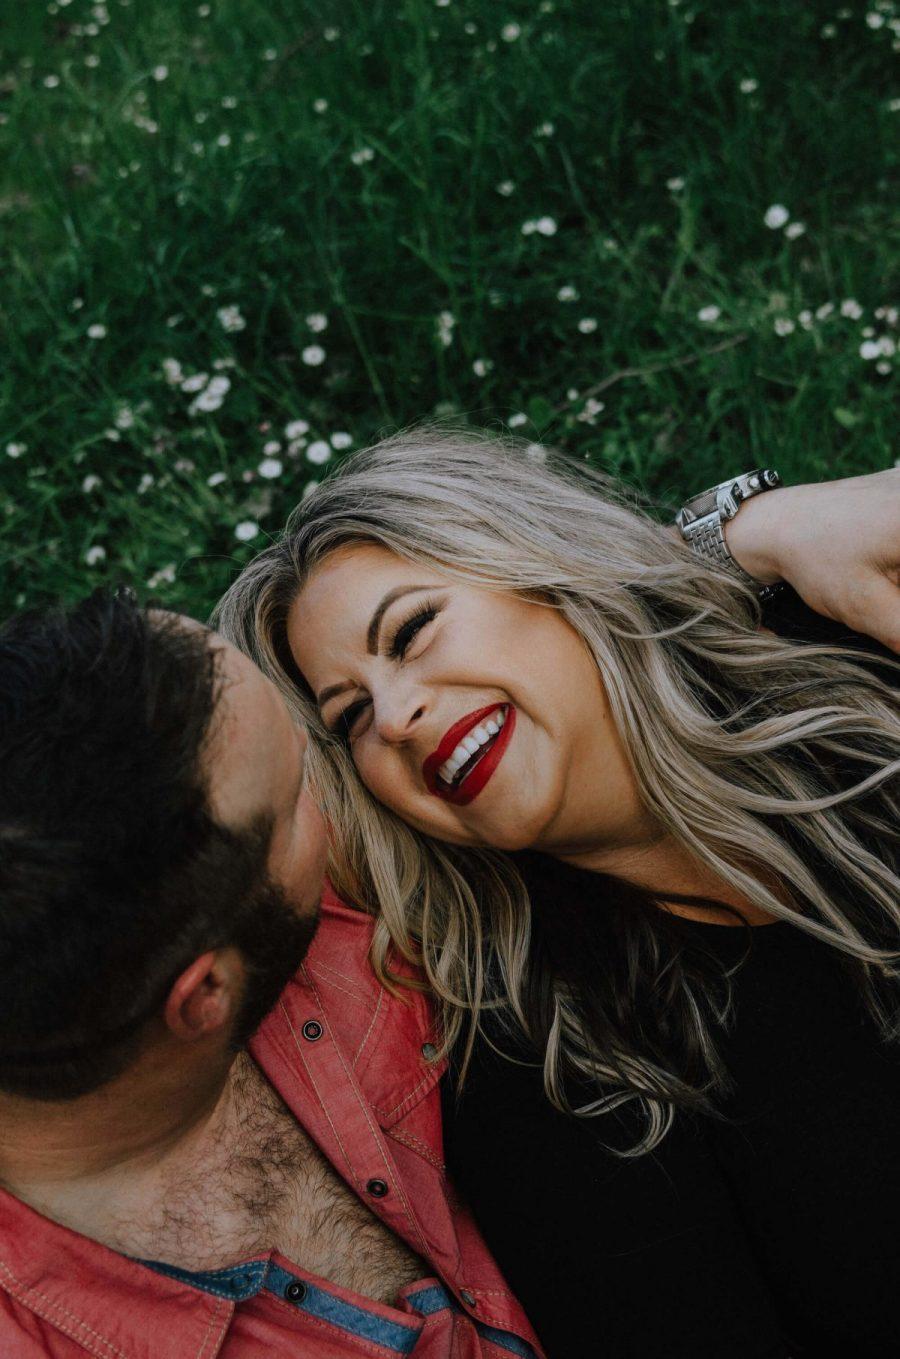 madison-park-seattle, madison-park-engagement, madison-park-engagement-photos, seattle-engagement-photographer, seattle-wedding-photographer, madison-park, lake-washington-engagement,